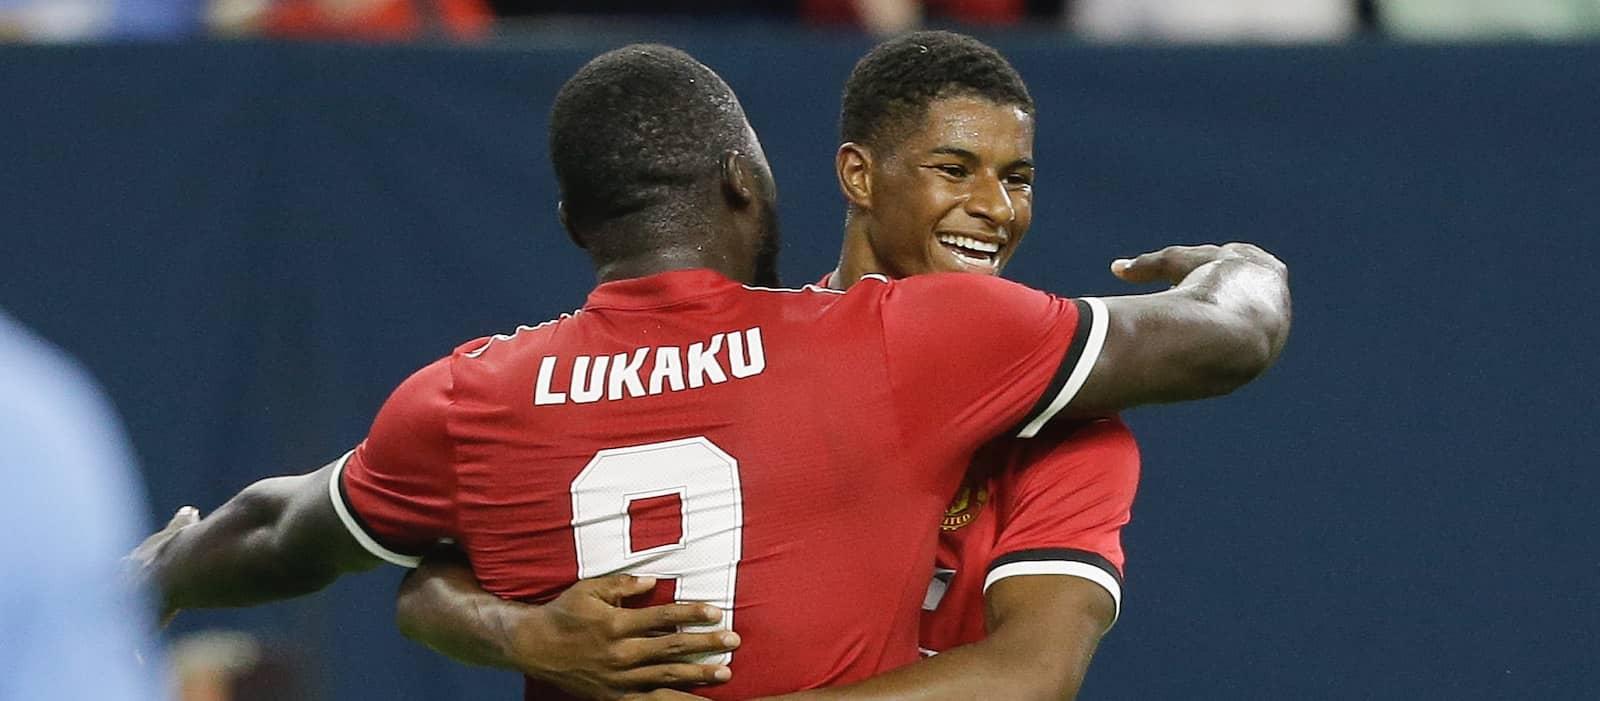 Ilkay Gundogan: Manchester United have done well to sign Romelu Lukaku